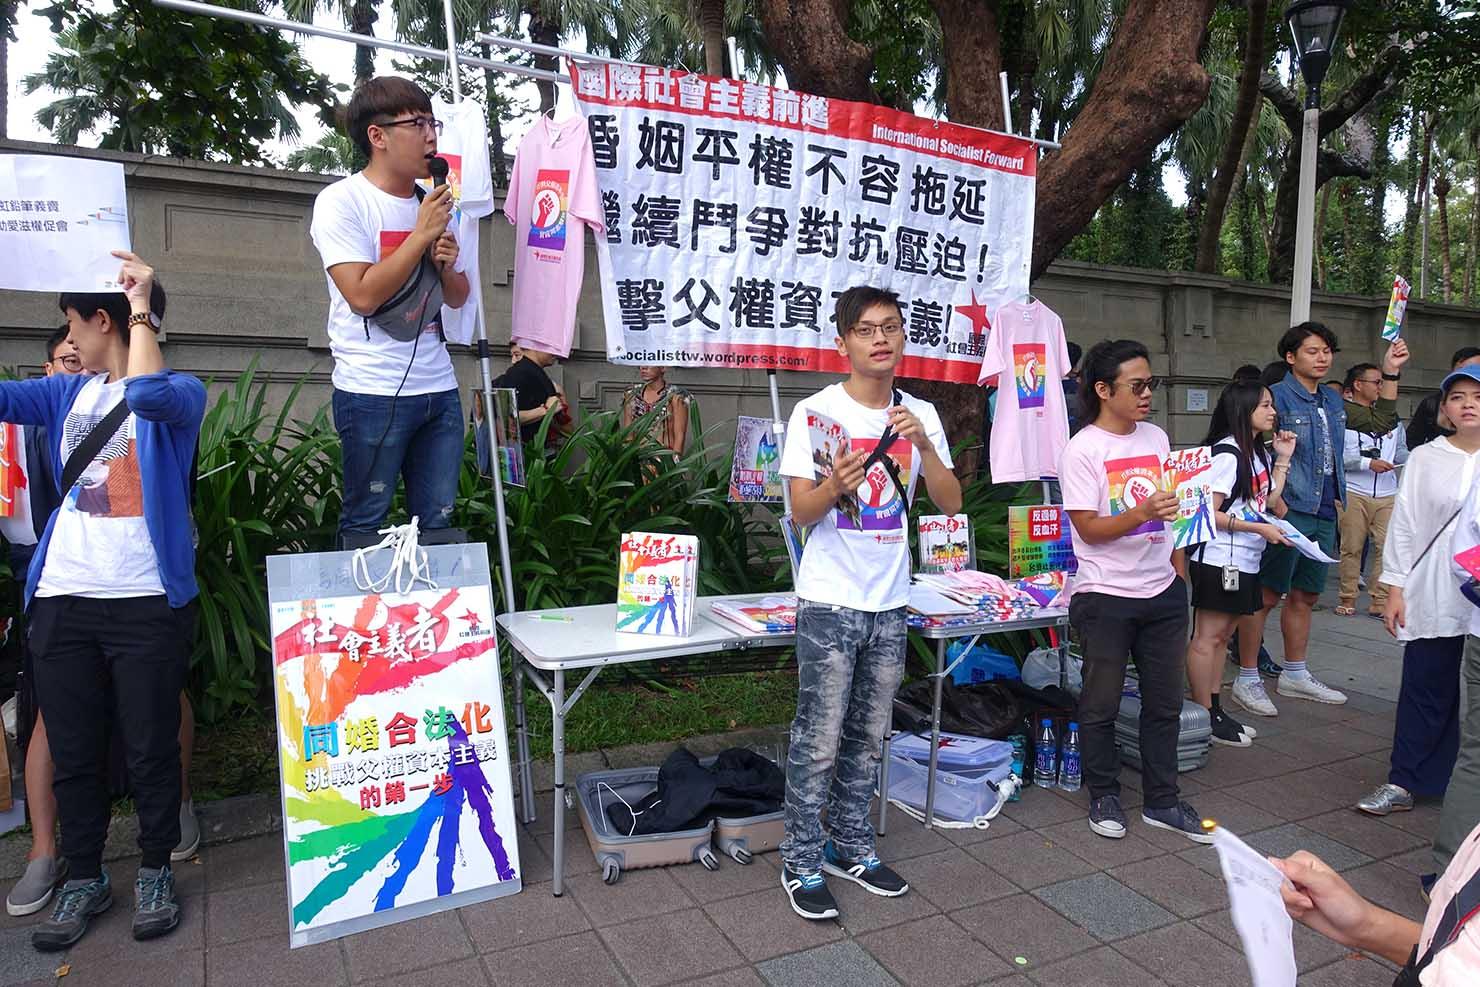 台湾LGBTプライド(台灣同志遊行)2017で同性婚合法化の早期実現を求めるグループ